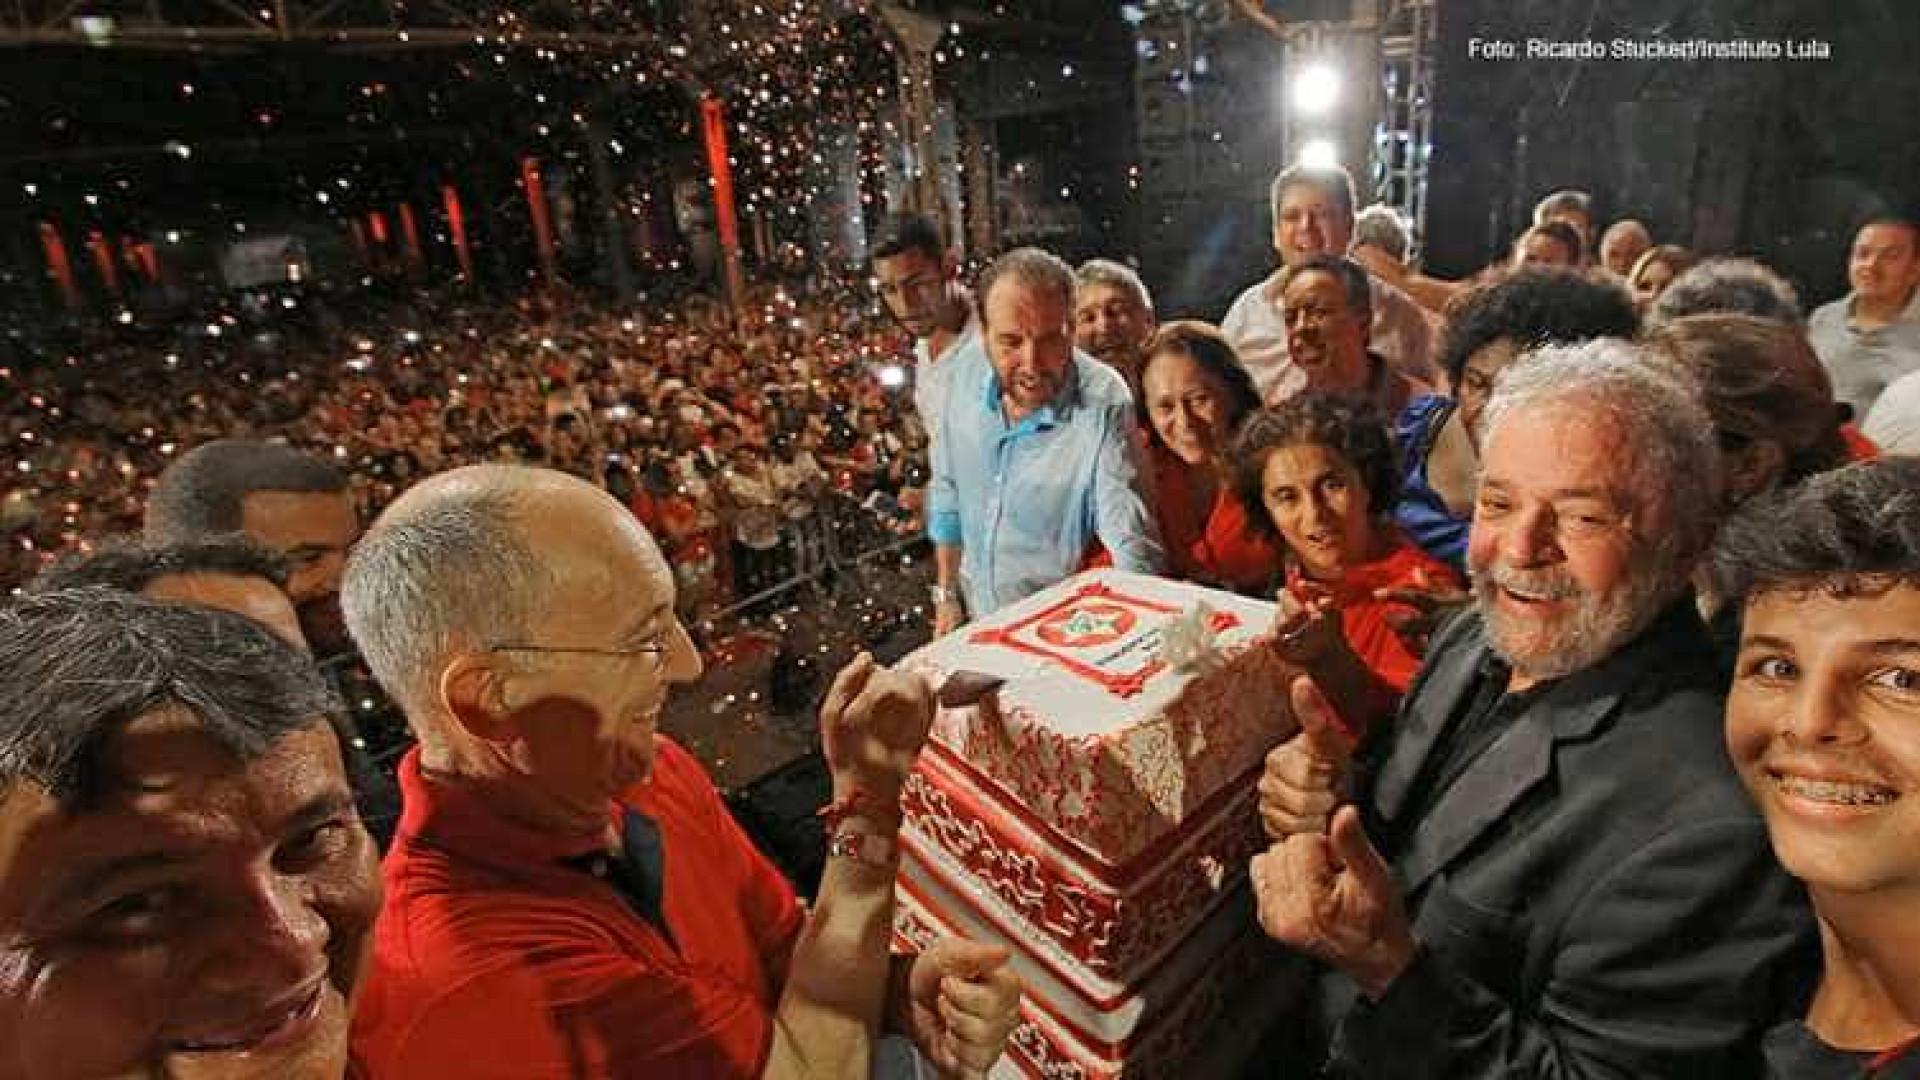 Petistas não podem levar desaforo quando 'falarem m... da gente', afirma Lula